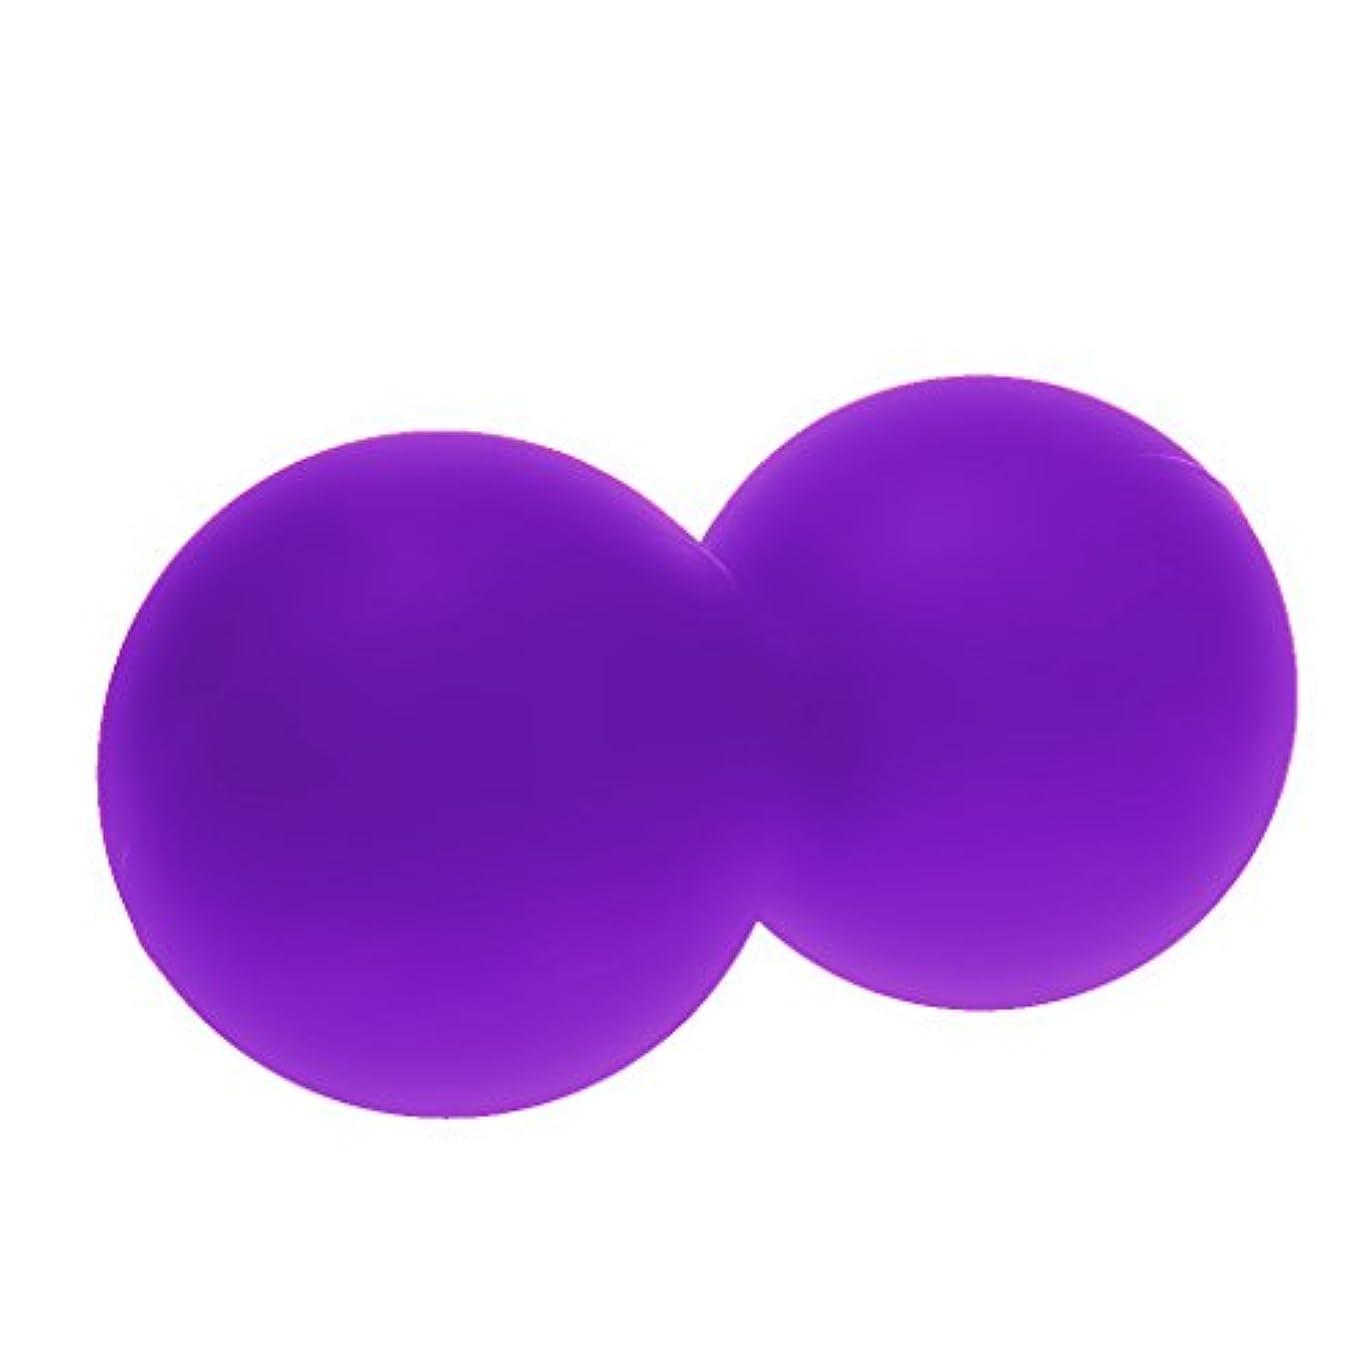 飼料裸複雑でない小型 マッサージボール 全身 セルフマッサージツール トリガーポイント シリコーン ソフトボール パープル